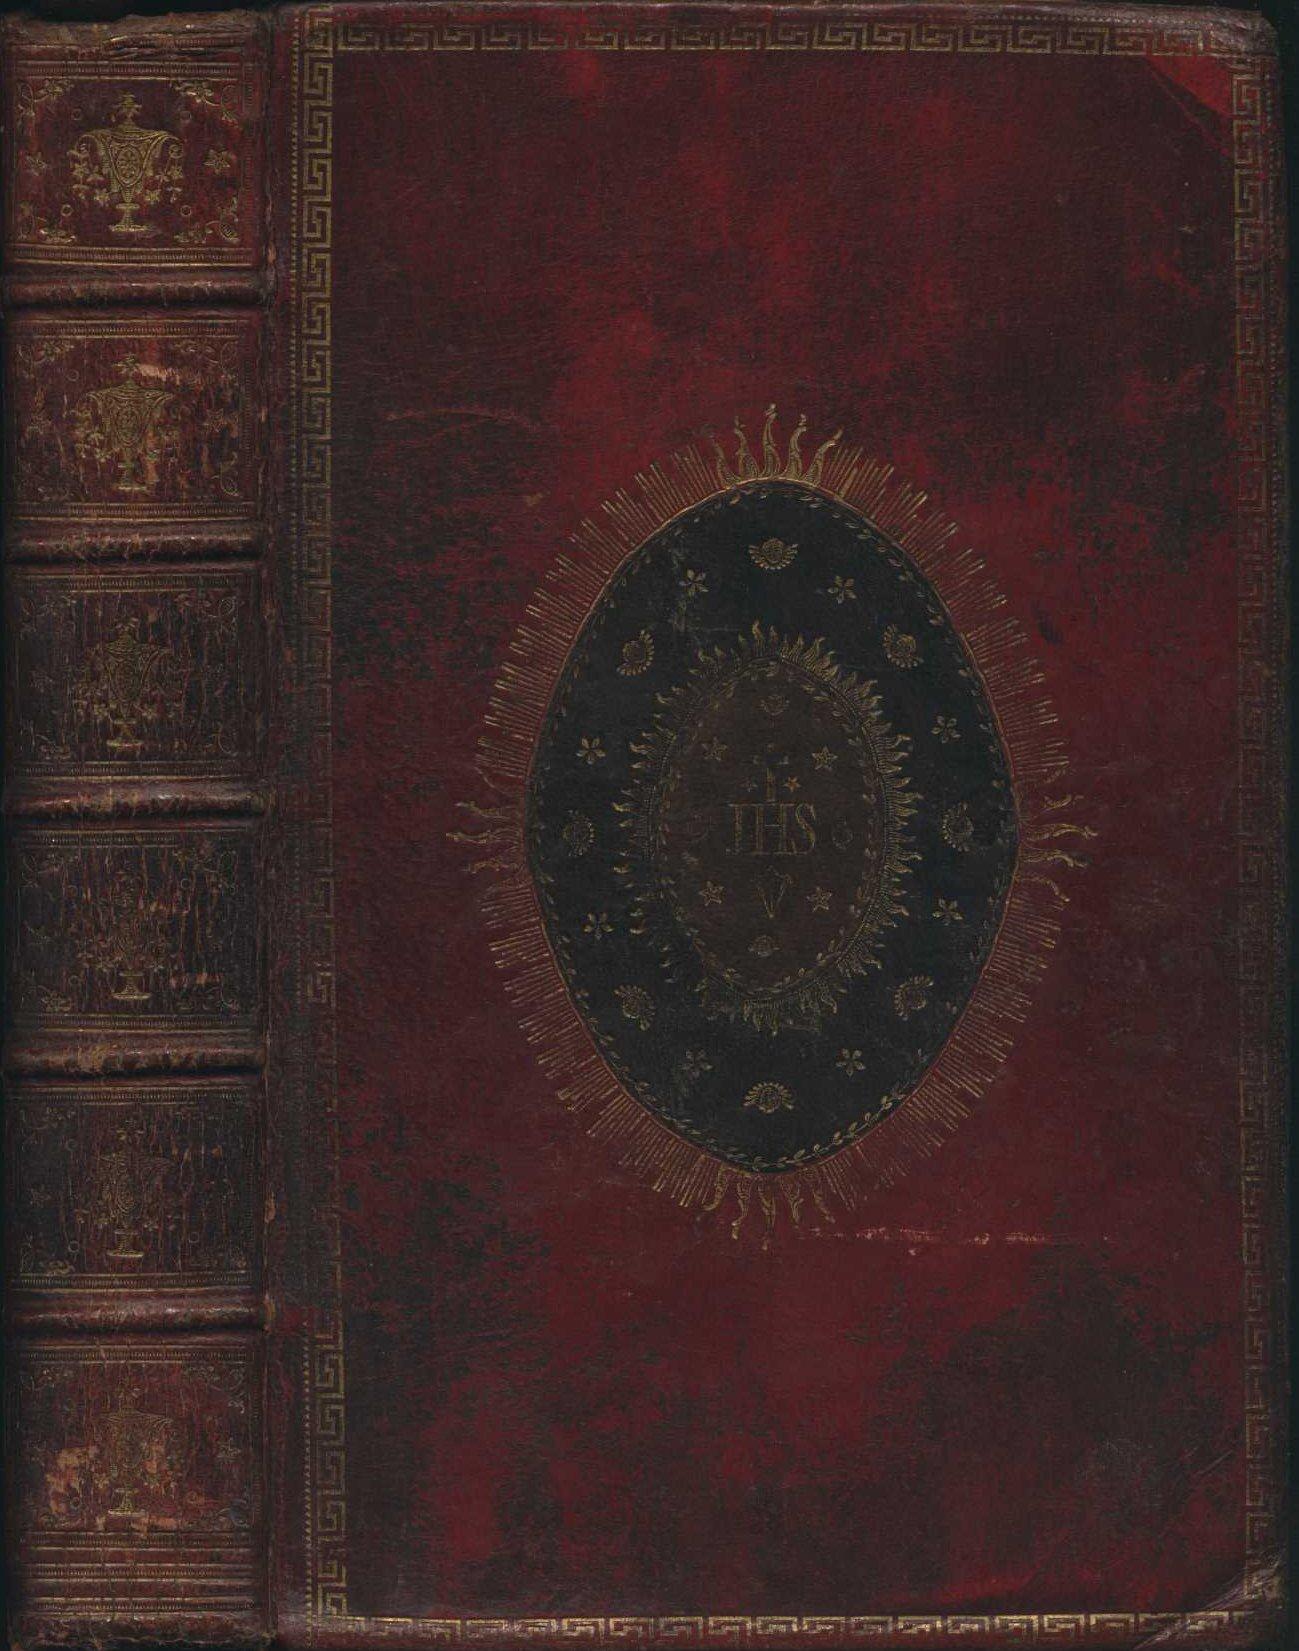 The Book of Common Prayer. Oxford: Clarendon Press, 1781.